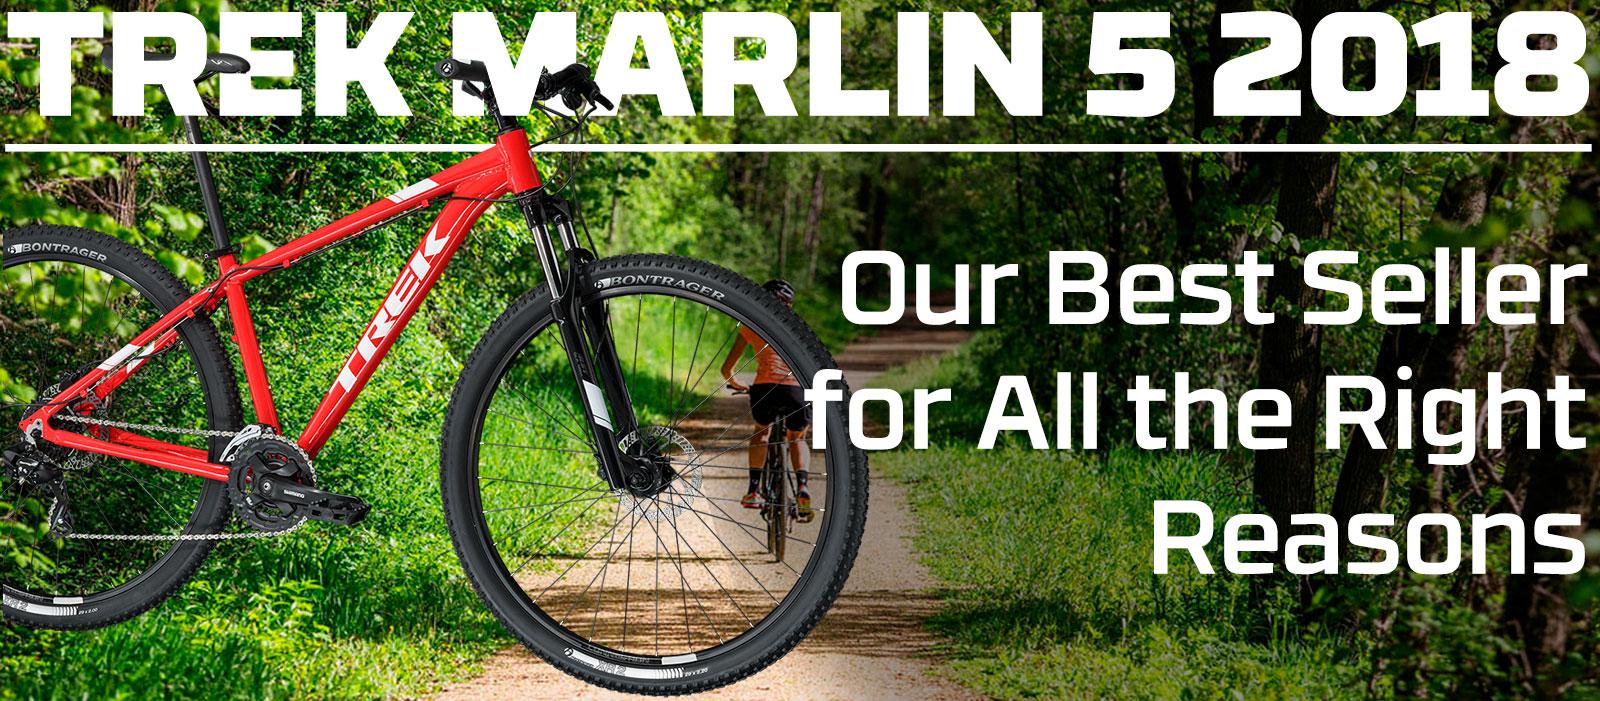 Trek Marlin 5 2018 Review - Folsom Bike 2 Great Bike Shops - 2